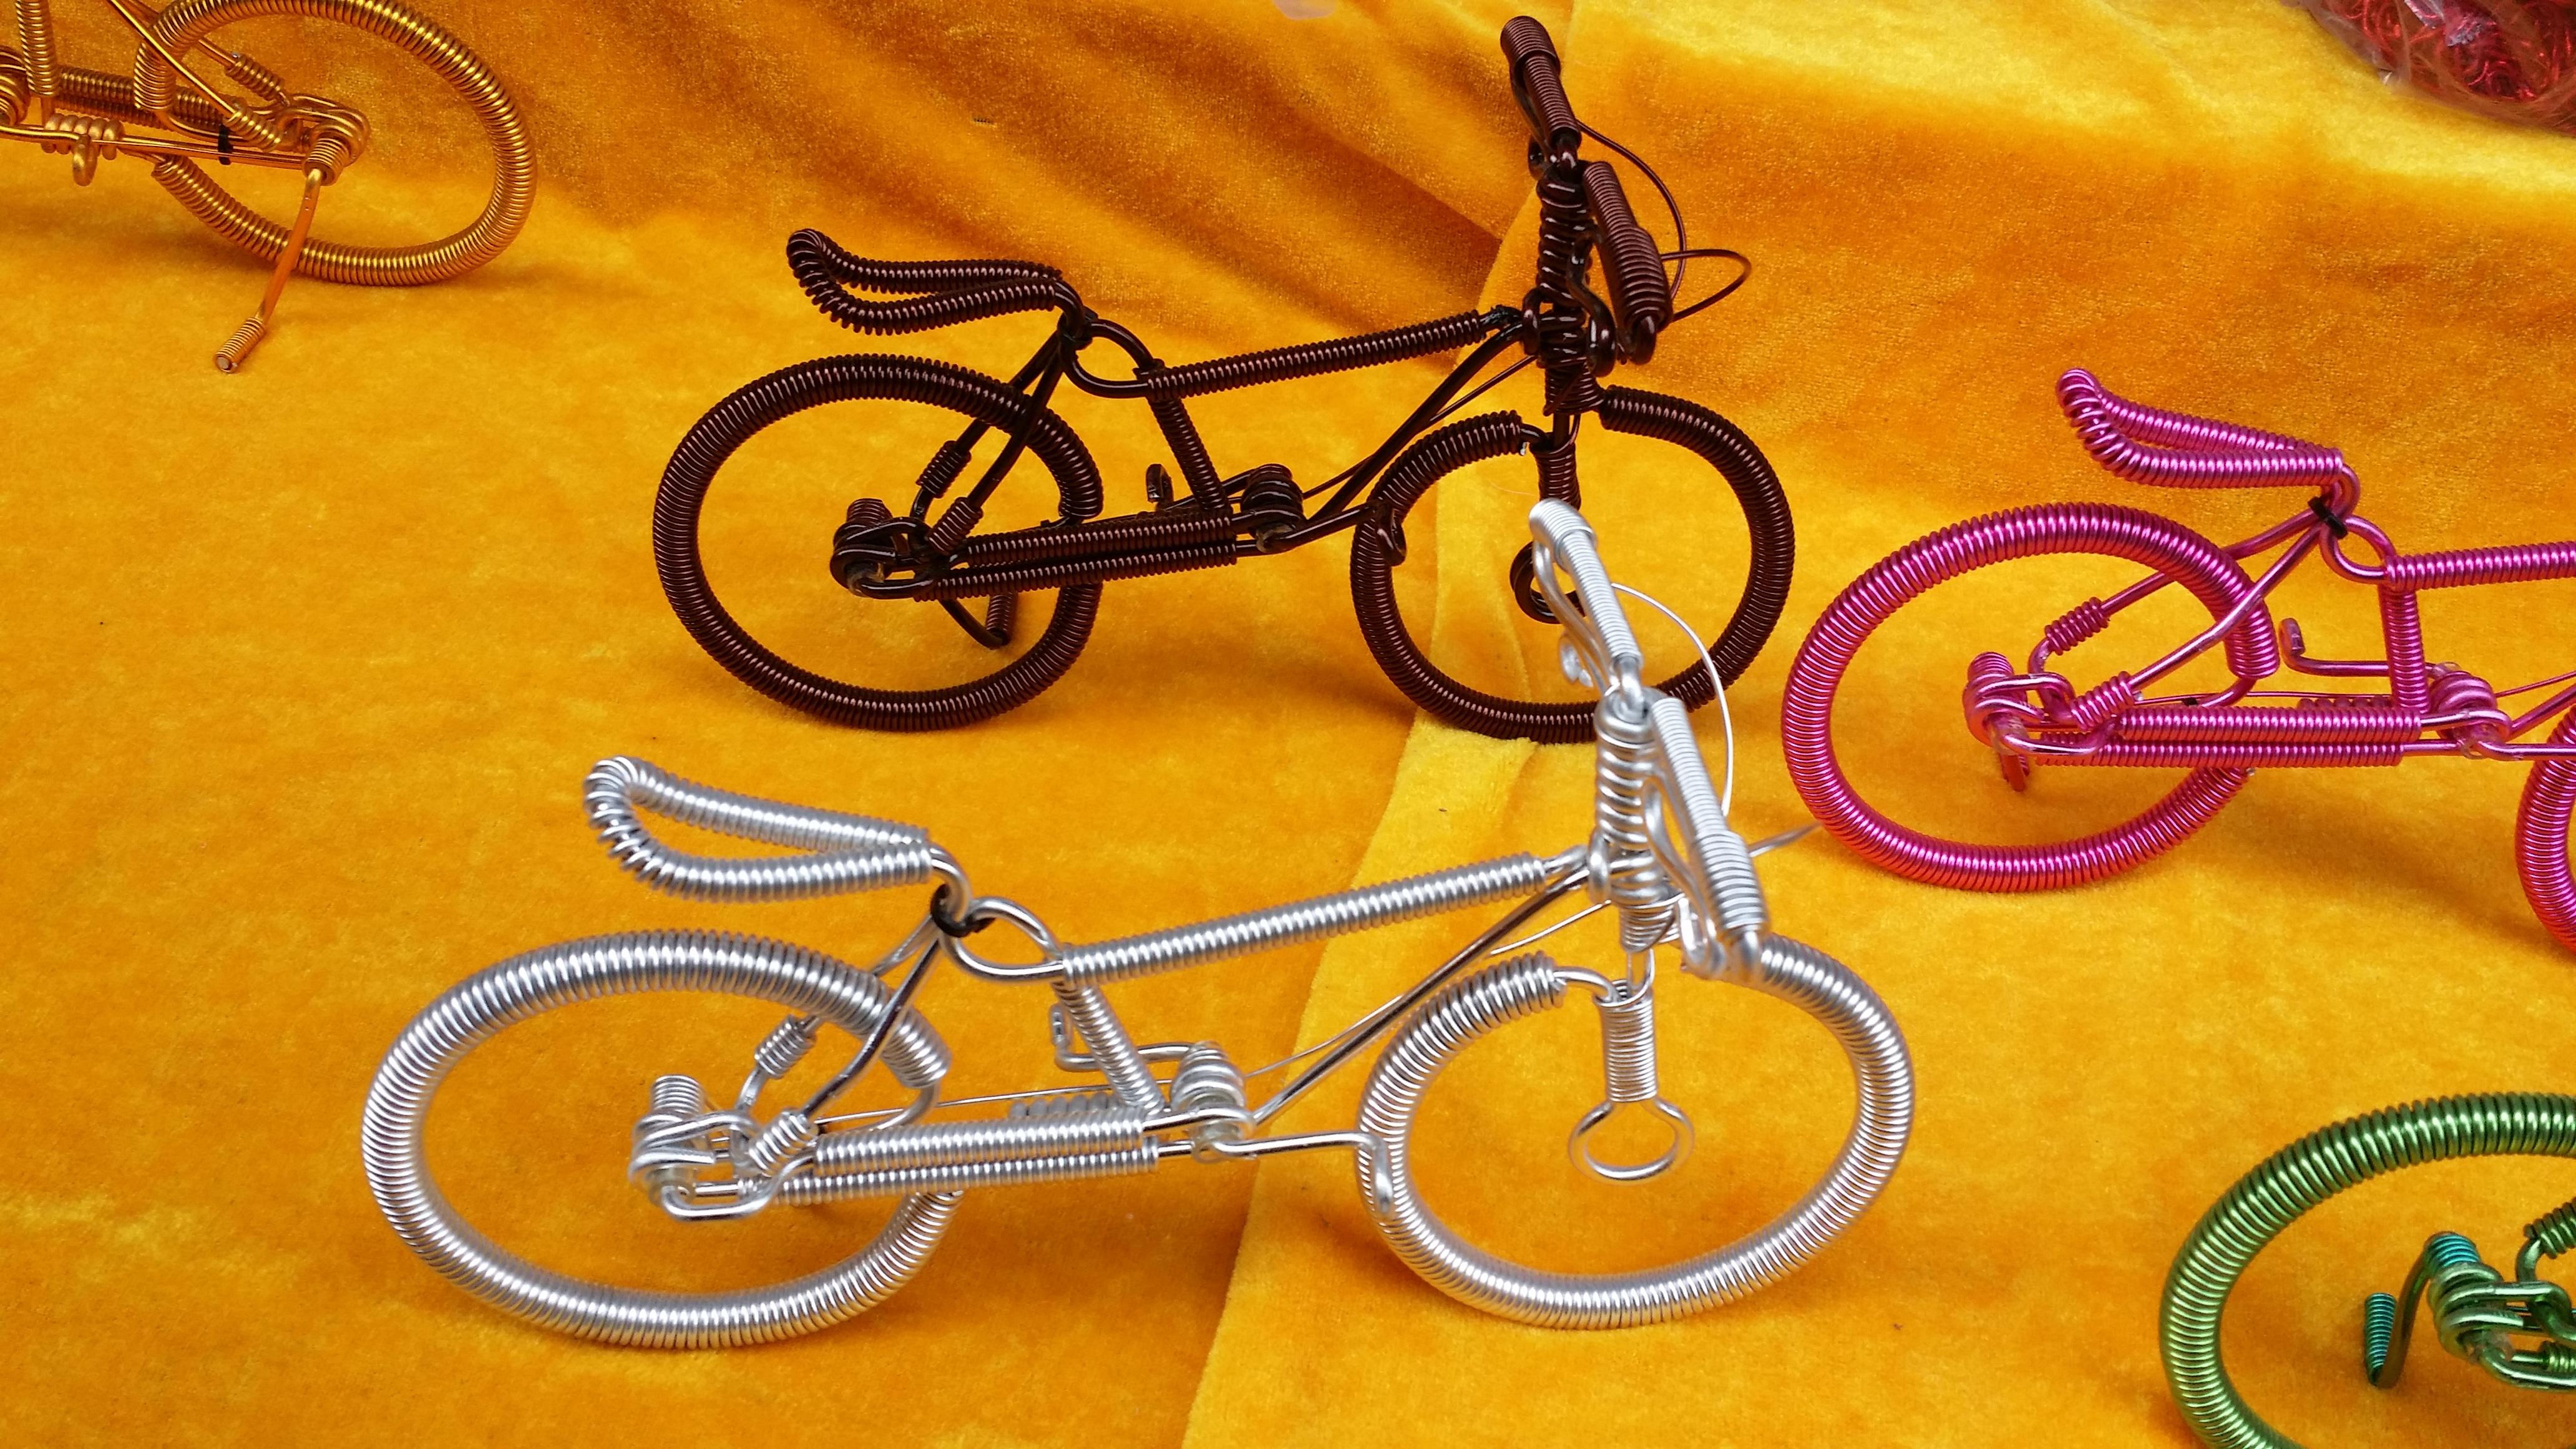 Fotos gratis : bicicleta, vehículo, equipo deportivo, fuente, art ...